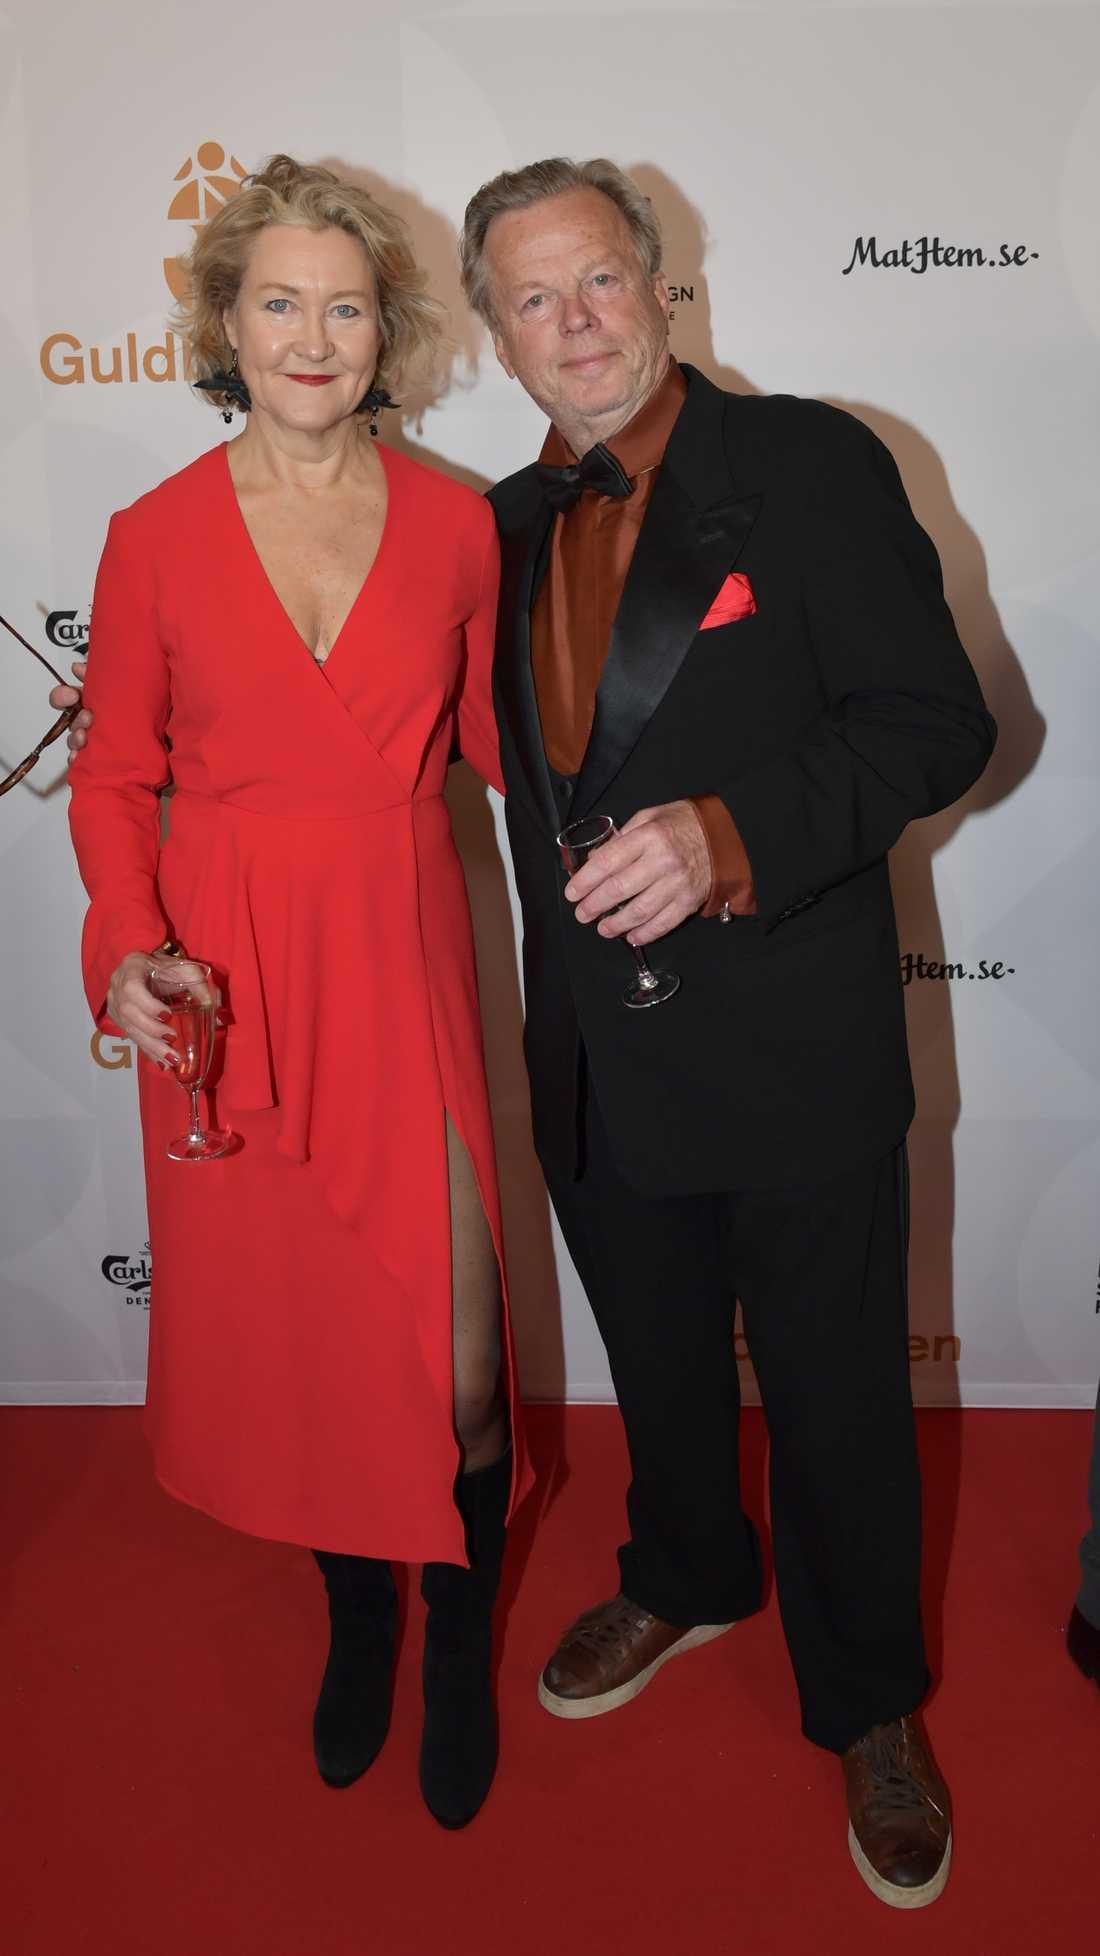 Krister Henriksson och Cecilia Nilsson tillsammans på Guldbaggegalan.